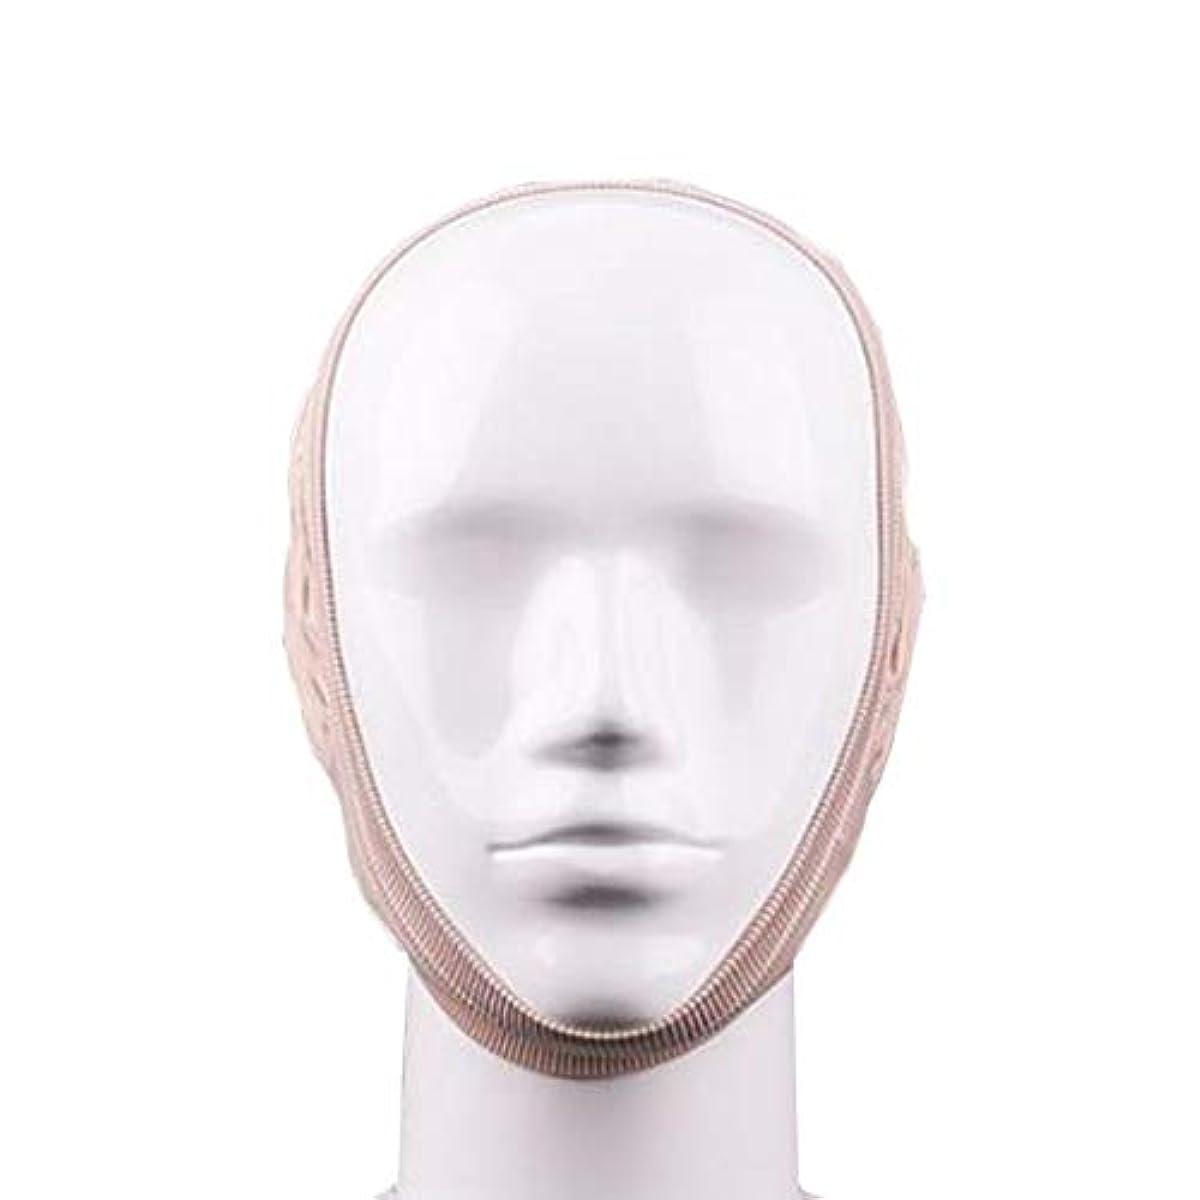 ジャンク交換アンソロジーZWBD フェイスマスク, 顔の包帯の形成を強化するための術後回復包帯リフティングシェイプマスクを刻むVフェイスアーティファクトスモールフェイスマスクライン (Color : B)